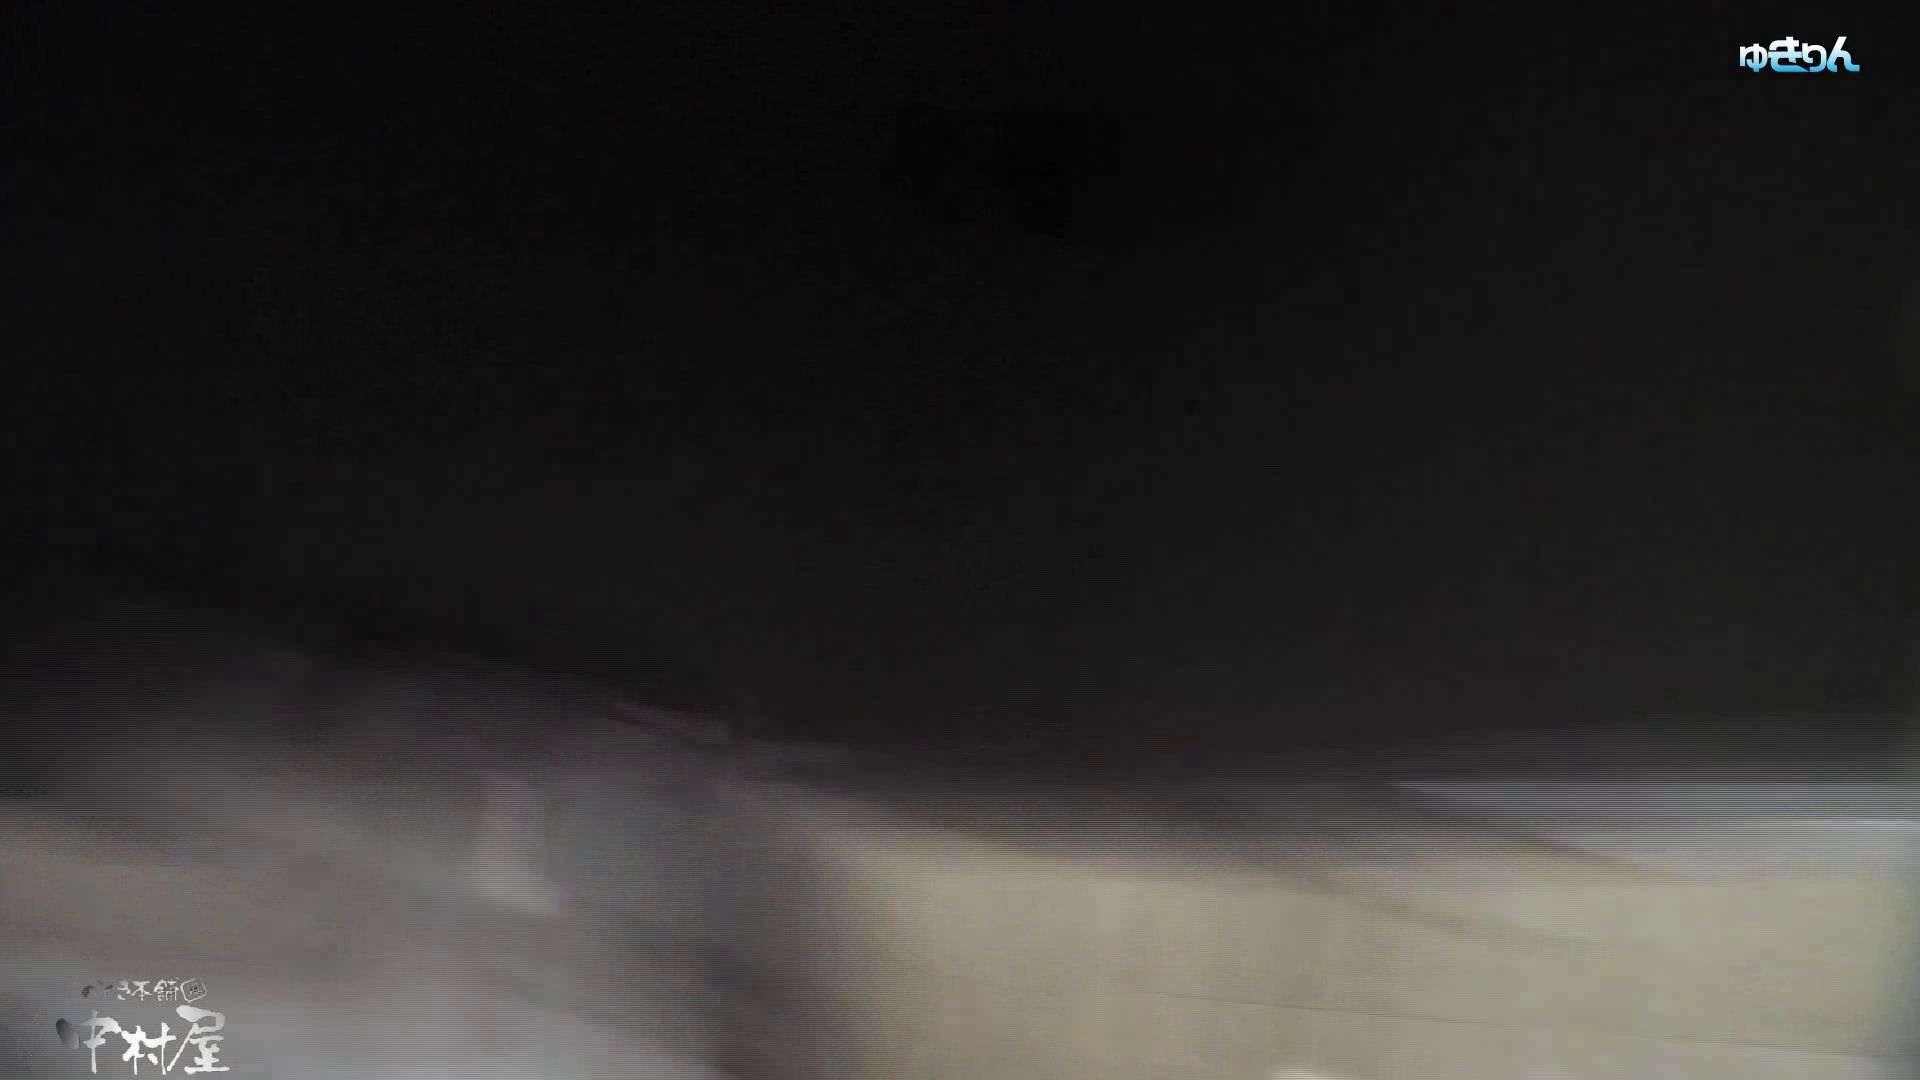 世界の射窓から~ステーション編 vol61 レベルアップ!!画質アップ、再発進 OLハメ撮り  77Pix 40